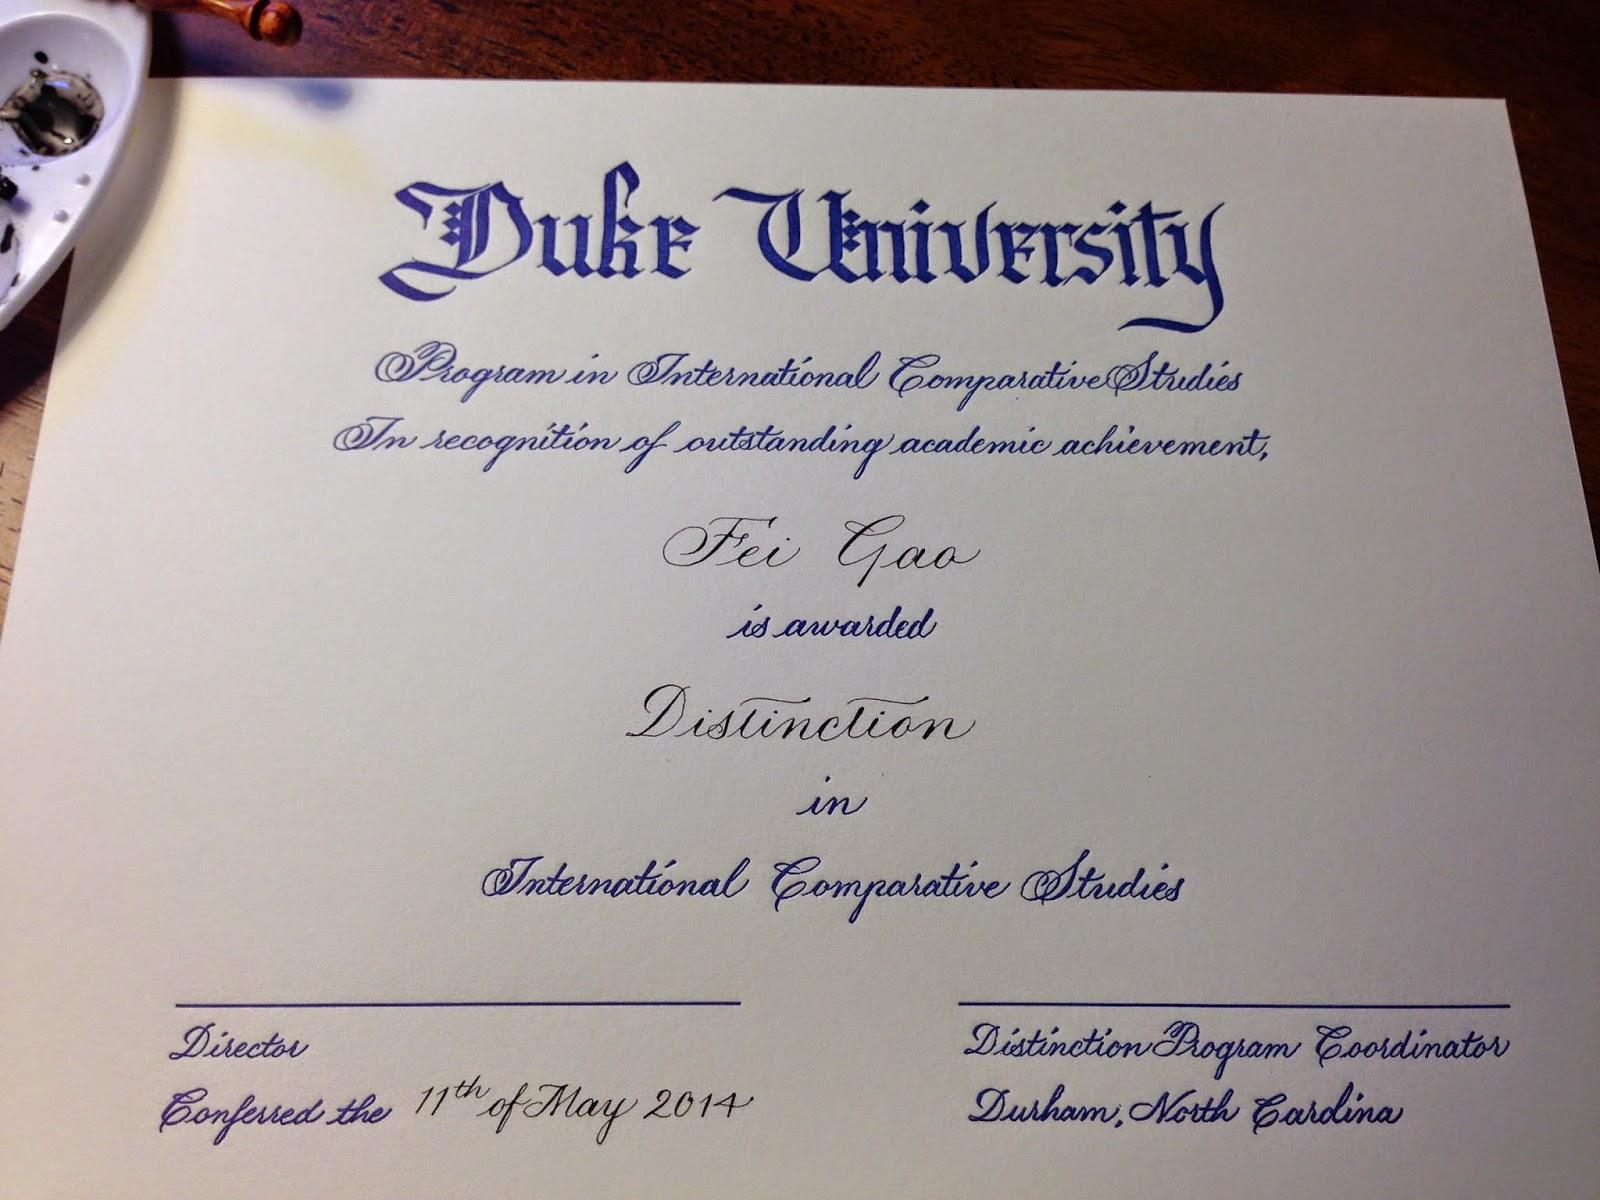 Online Degree and Certificate Programs Duke University